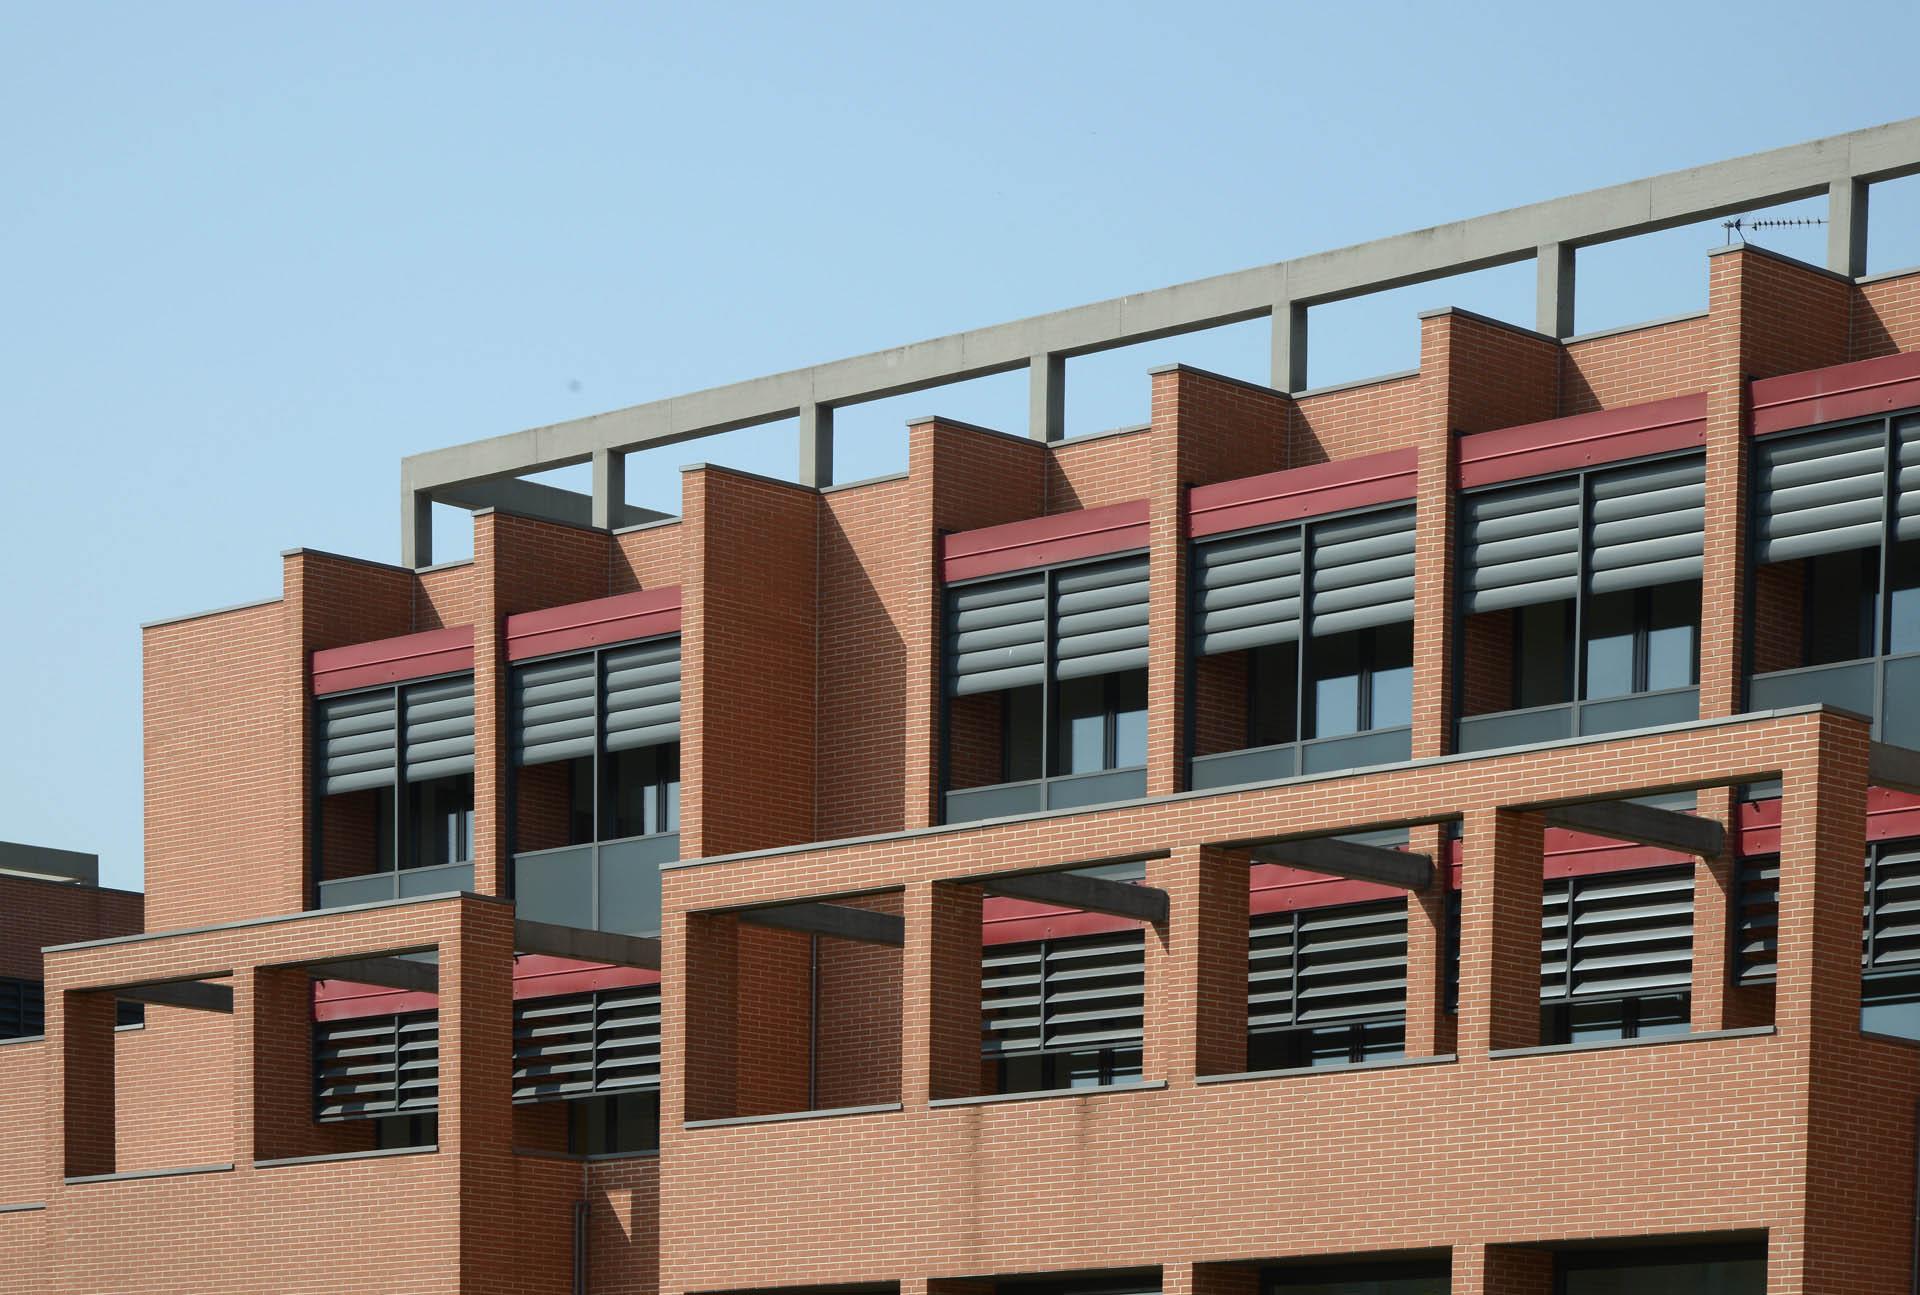 07 Studio Bacchi architetti associati ex cantina sociale img 07